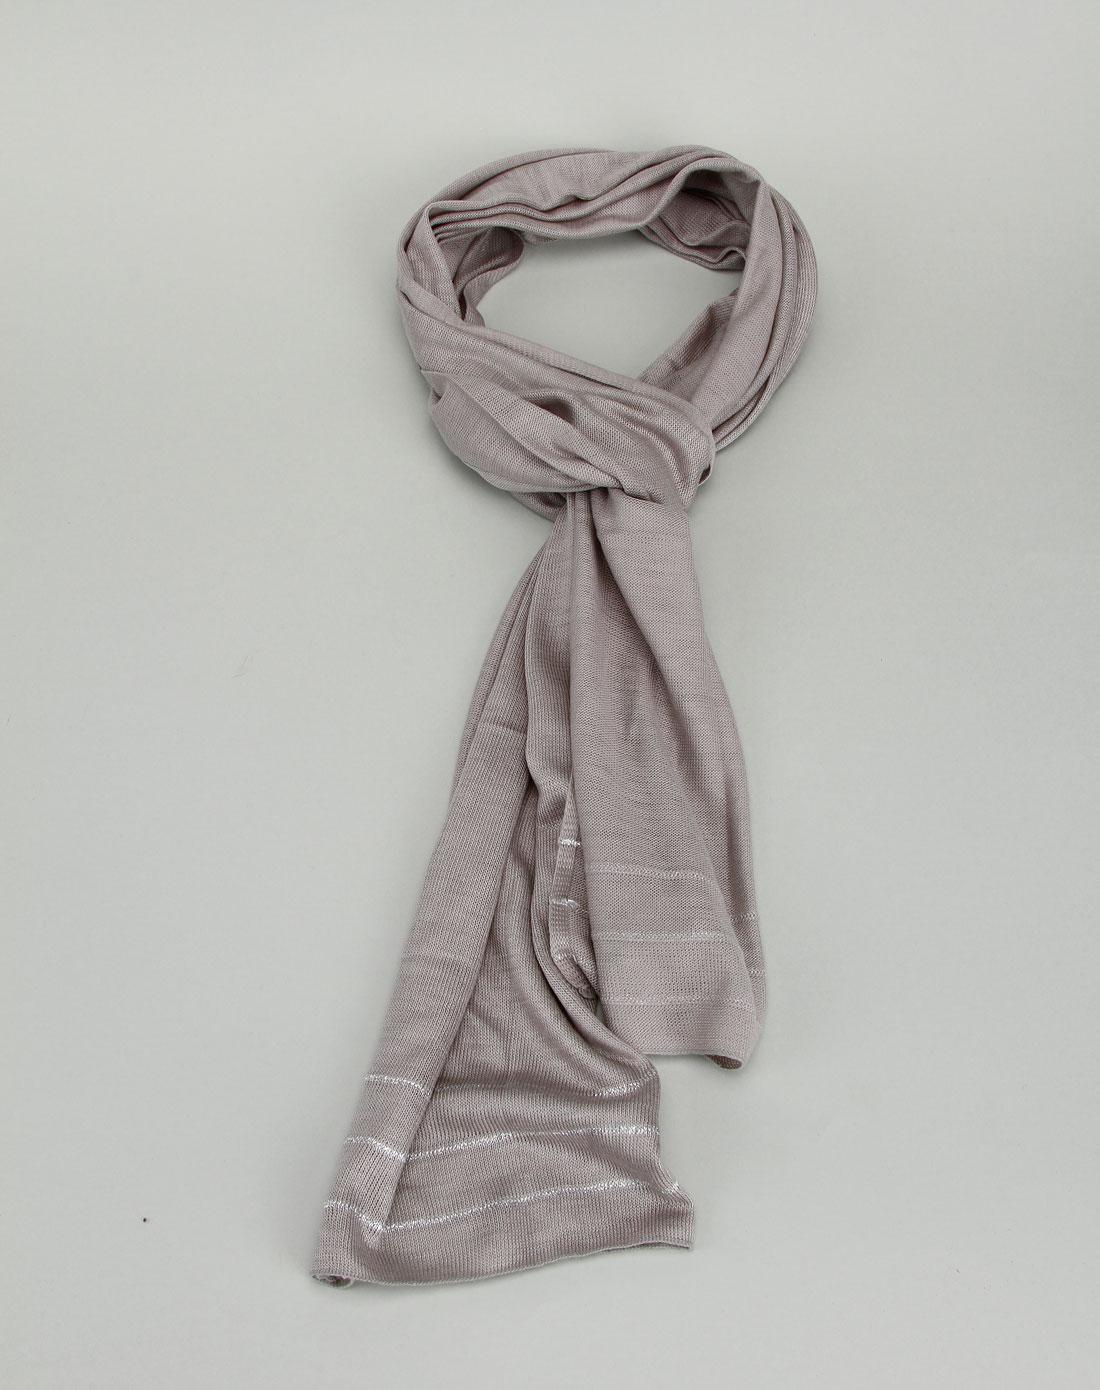 款灰色围巾302334